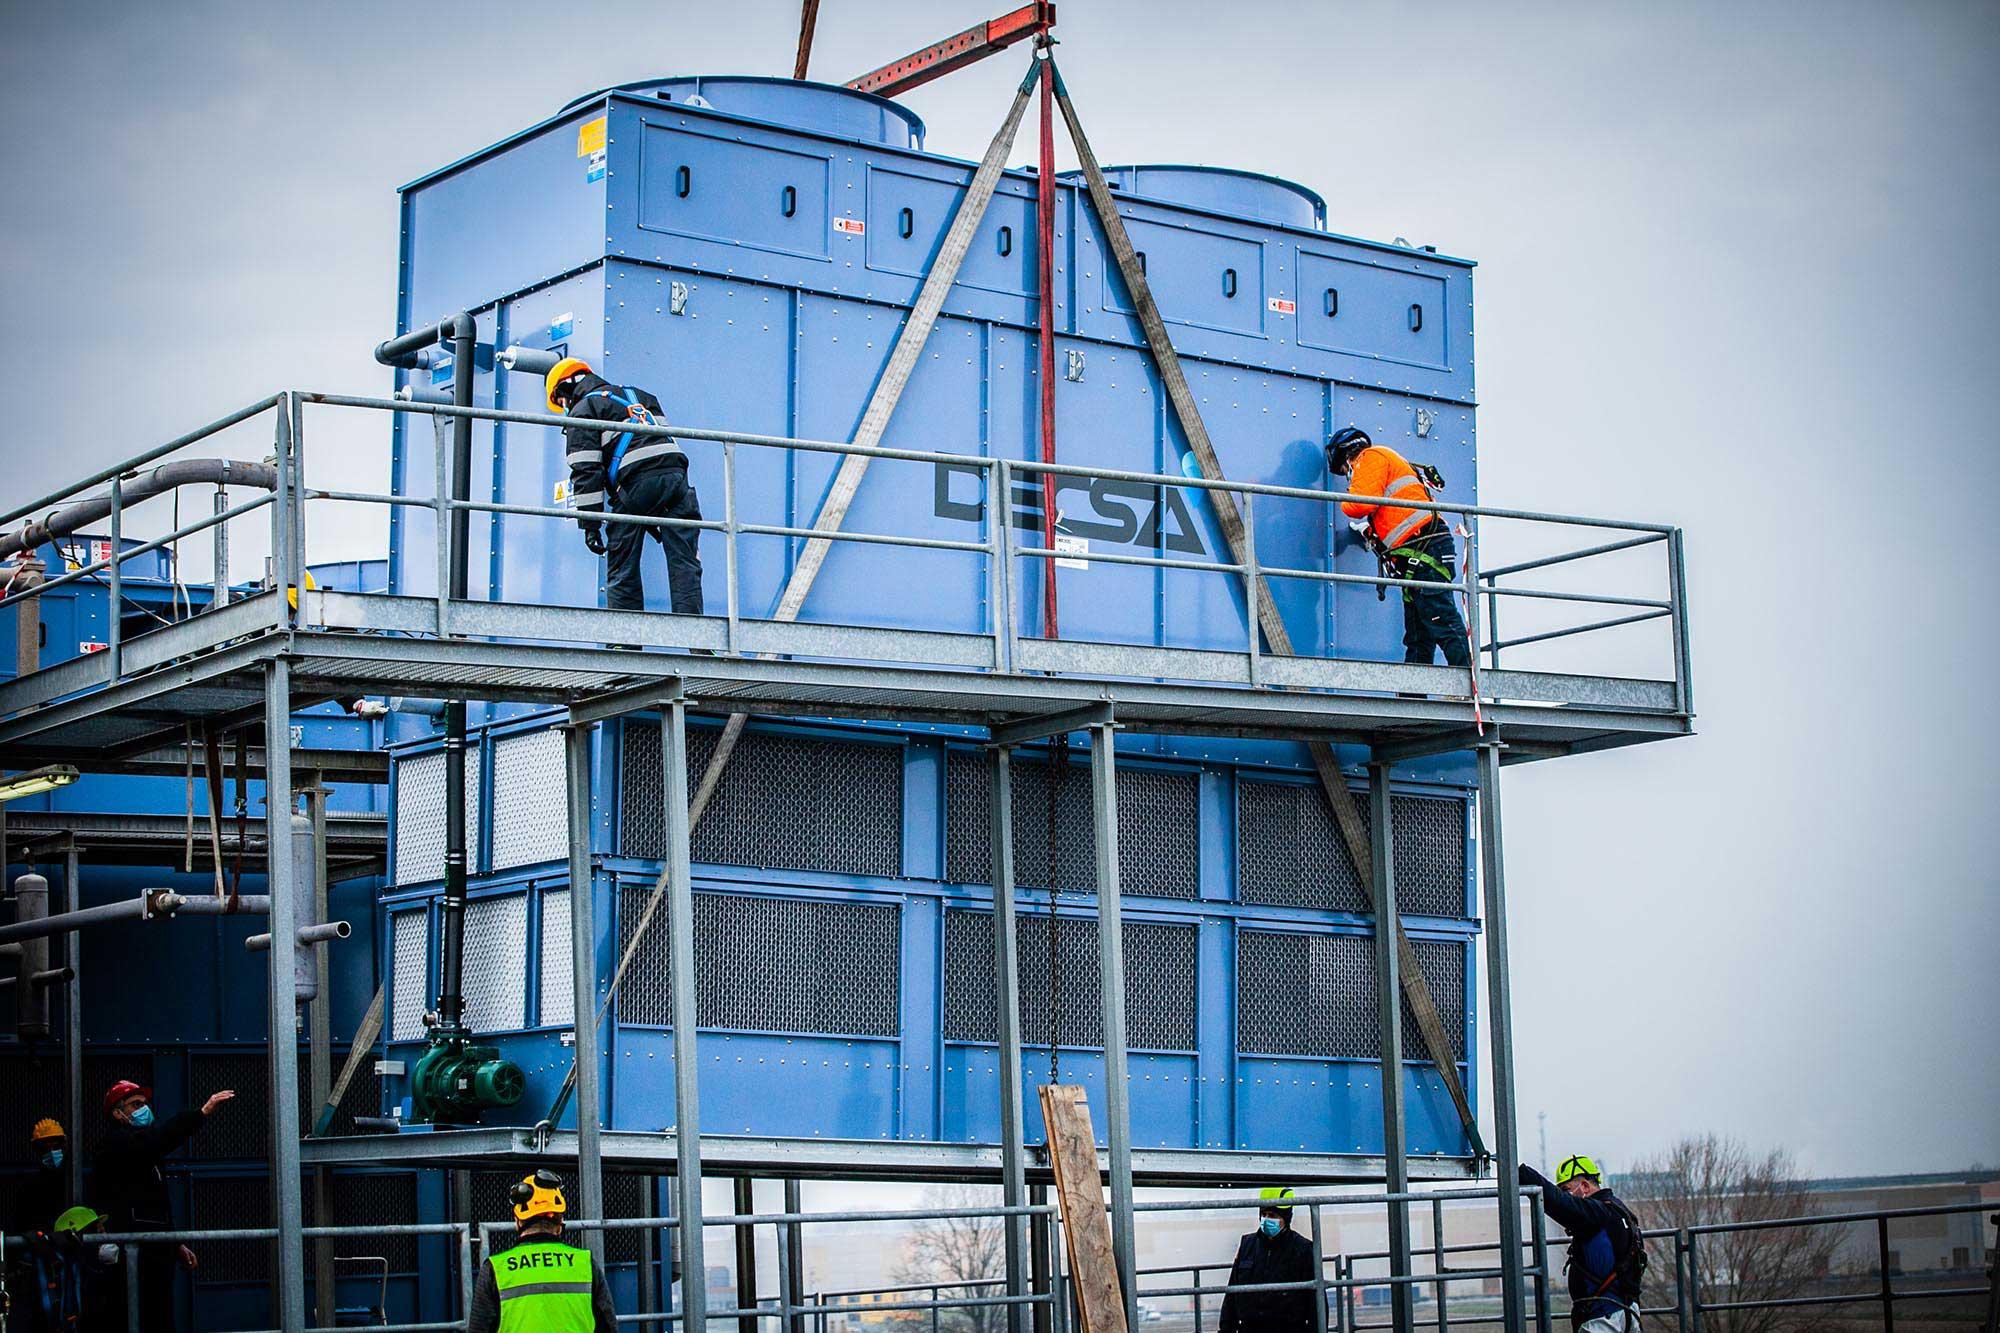 L'installazione dei condensatori evaporativi Decsa presso lo stabilimento Galbani a Corteolona (PV)